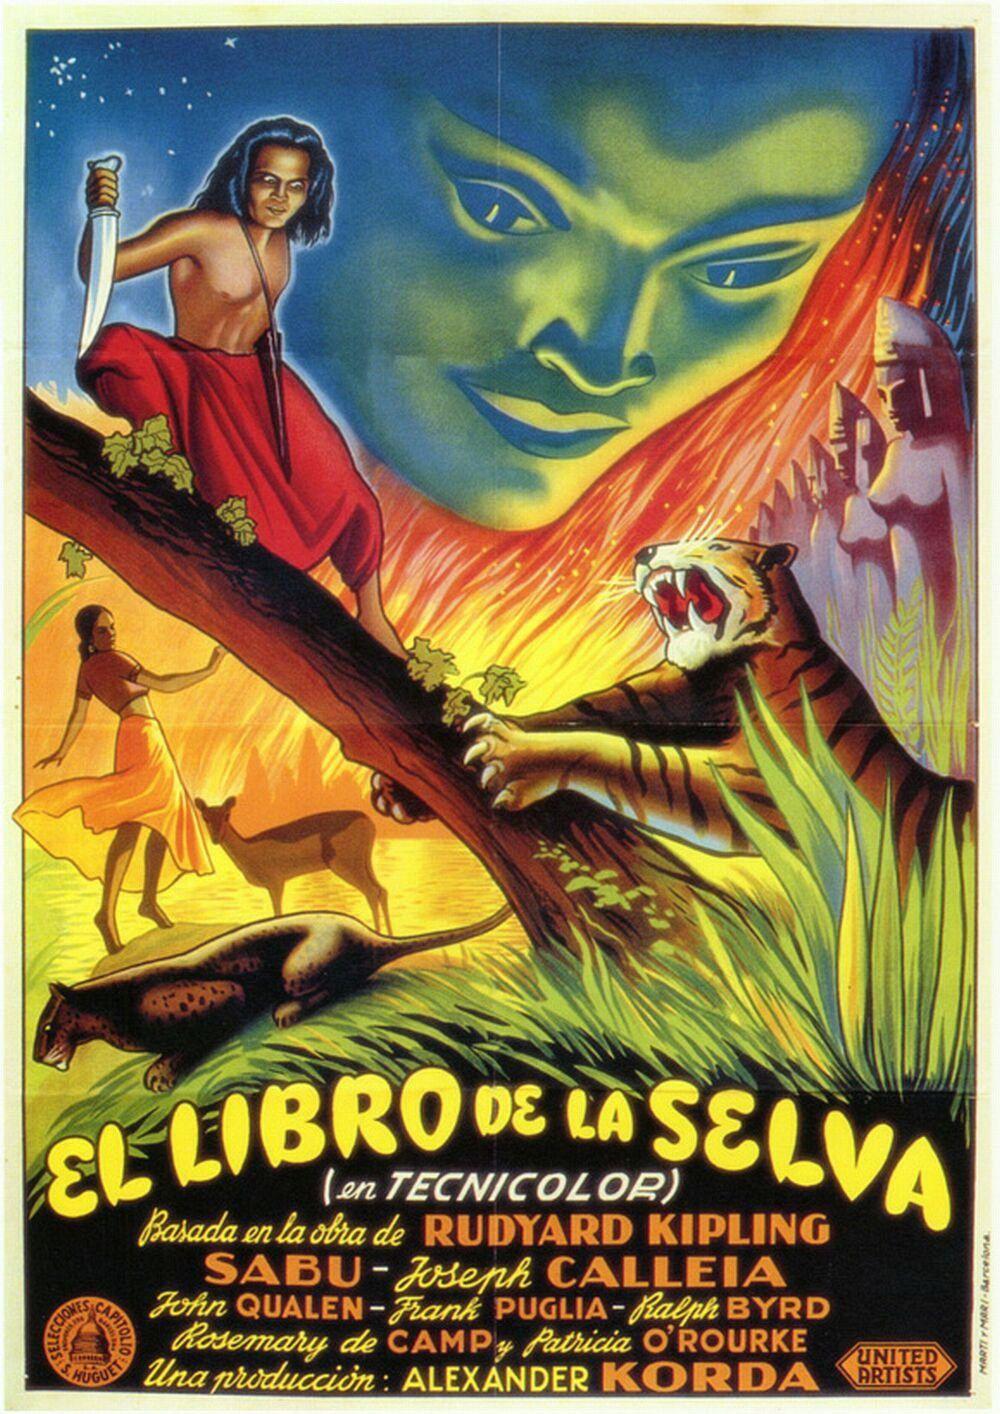 1942 - El libro de la selva - Jungle Book - tt0034928